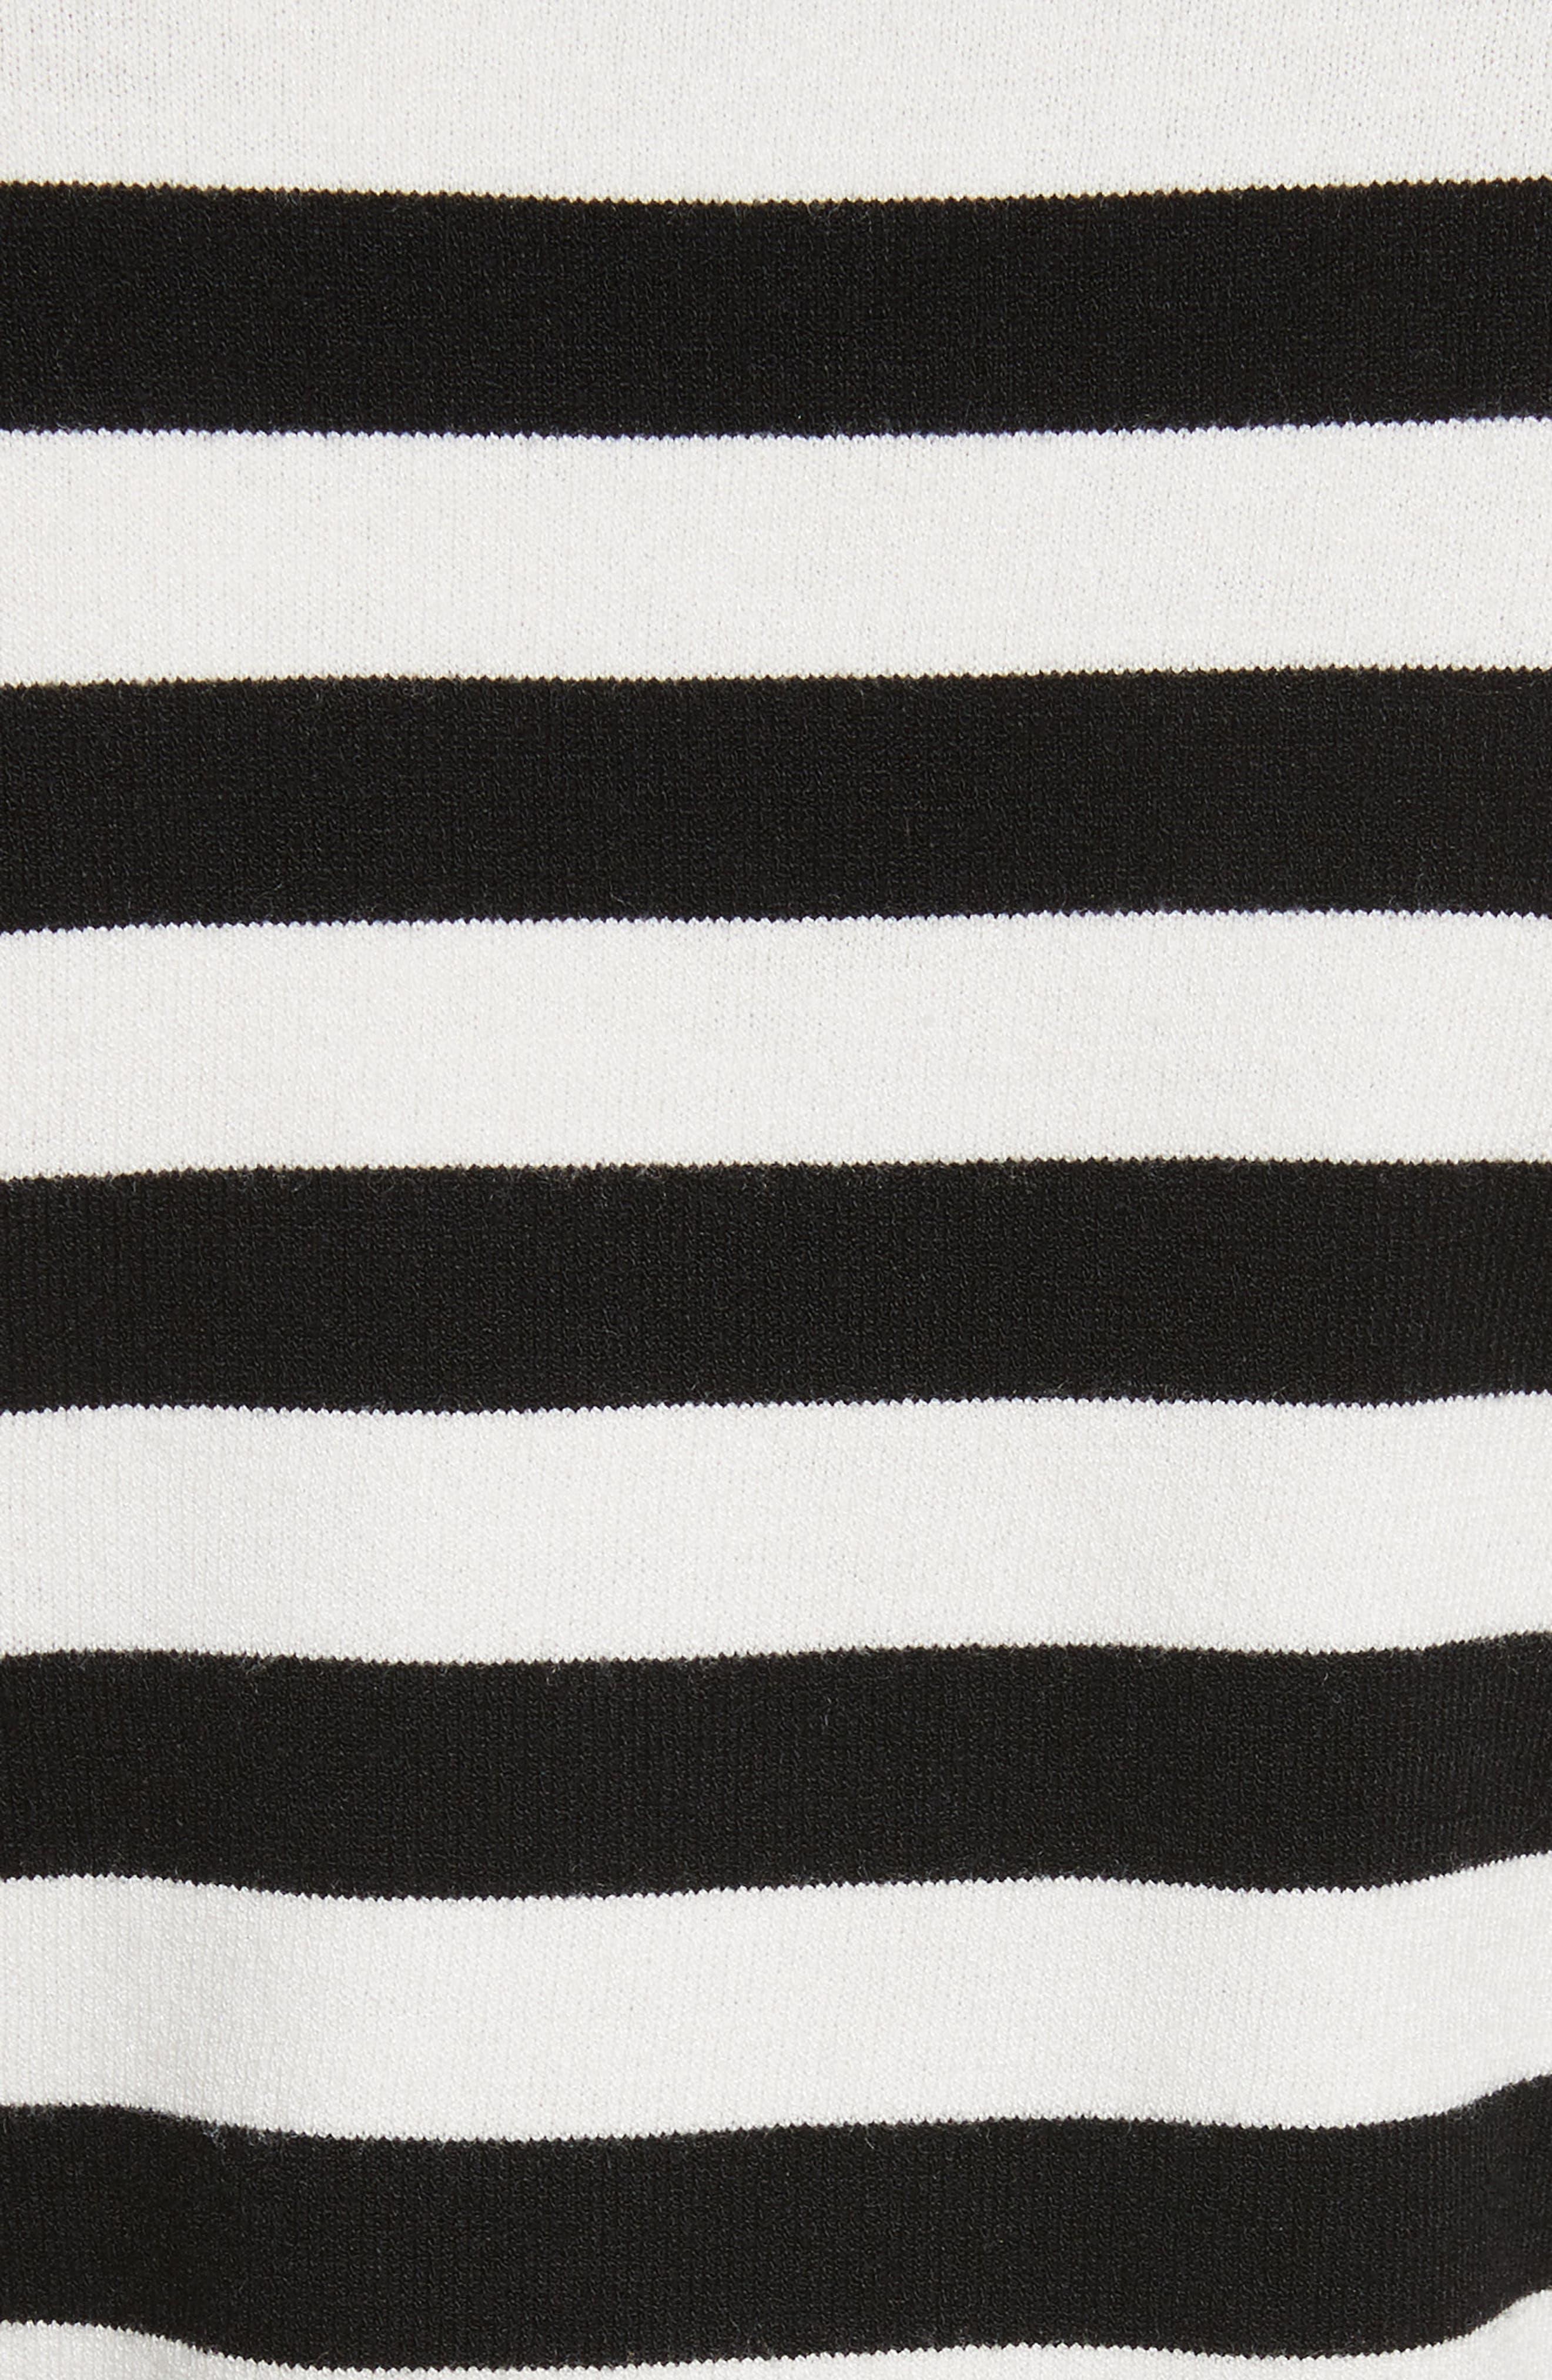 Bell Sleeve V-Neck Sweater,                             Alternate thumbnail 6, color,                             Black/ White